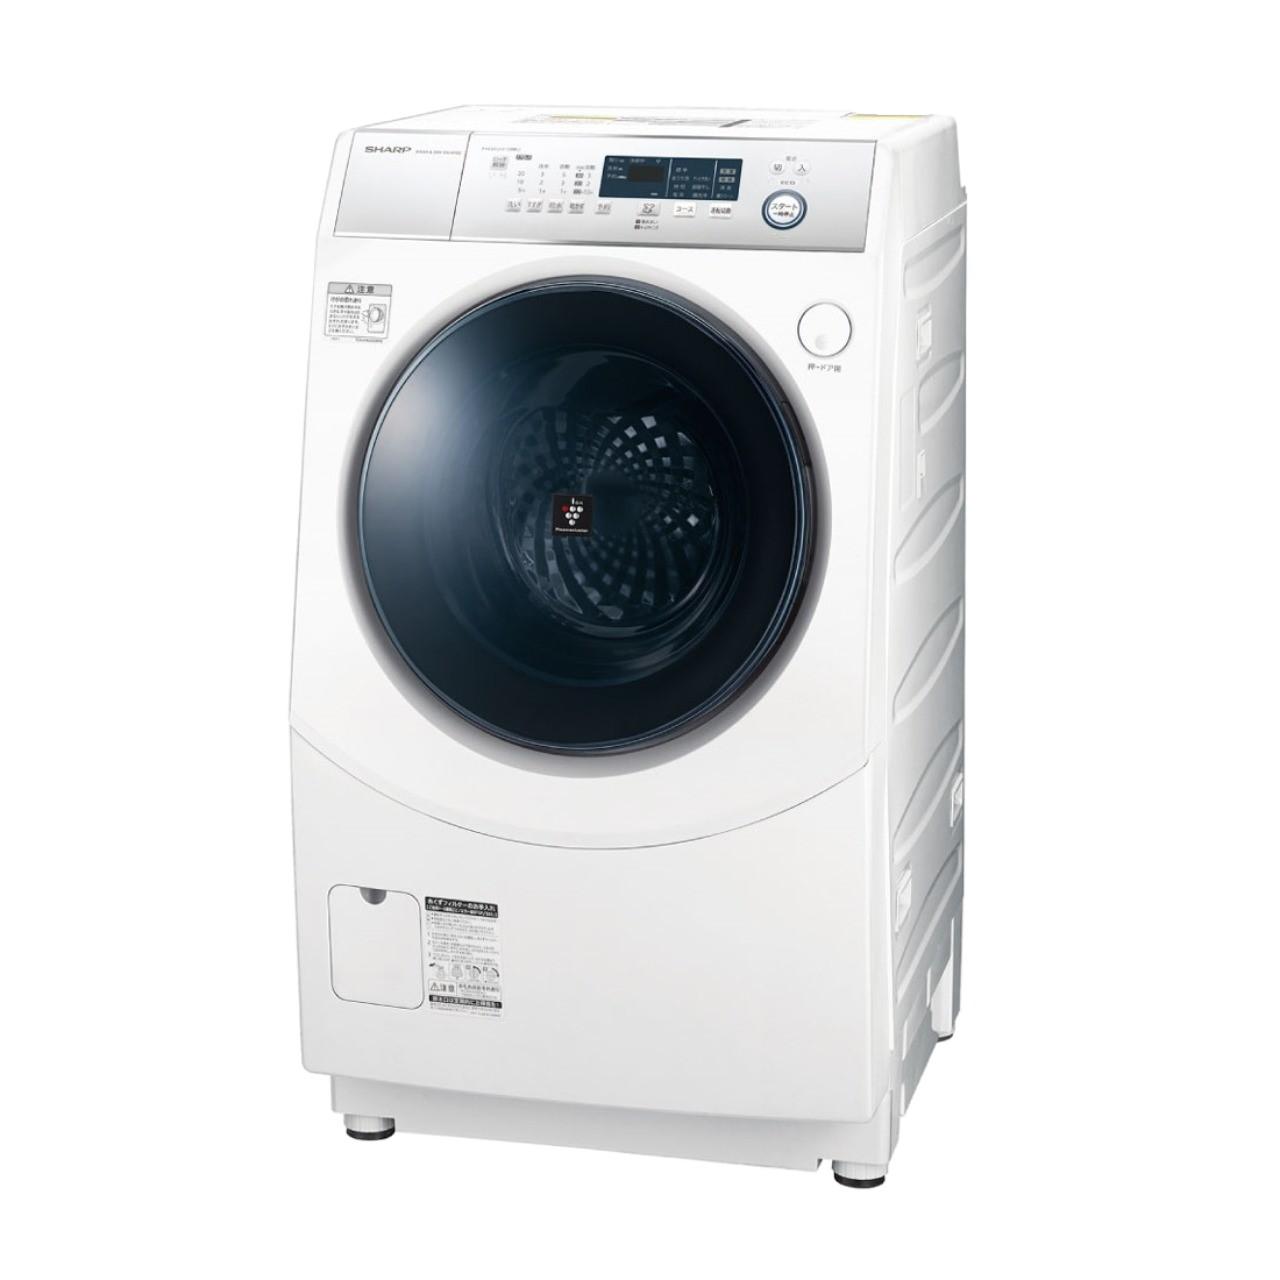 シャープES-H10Dドラム式洗濯乾燥機